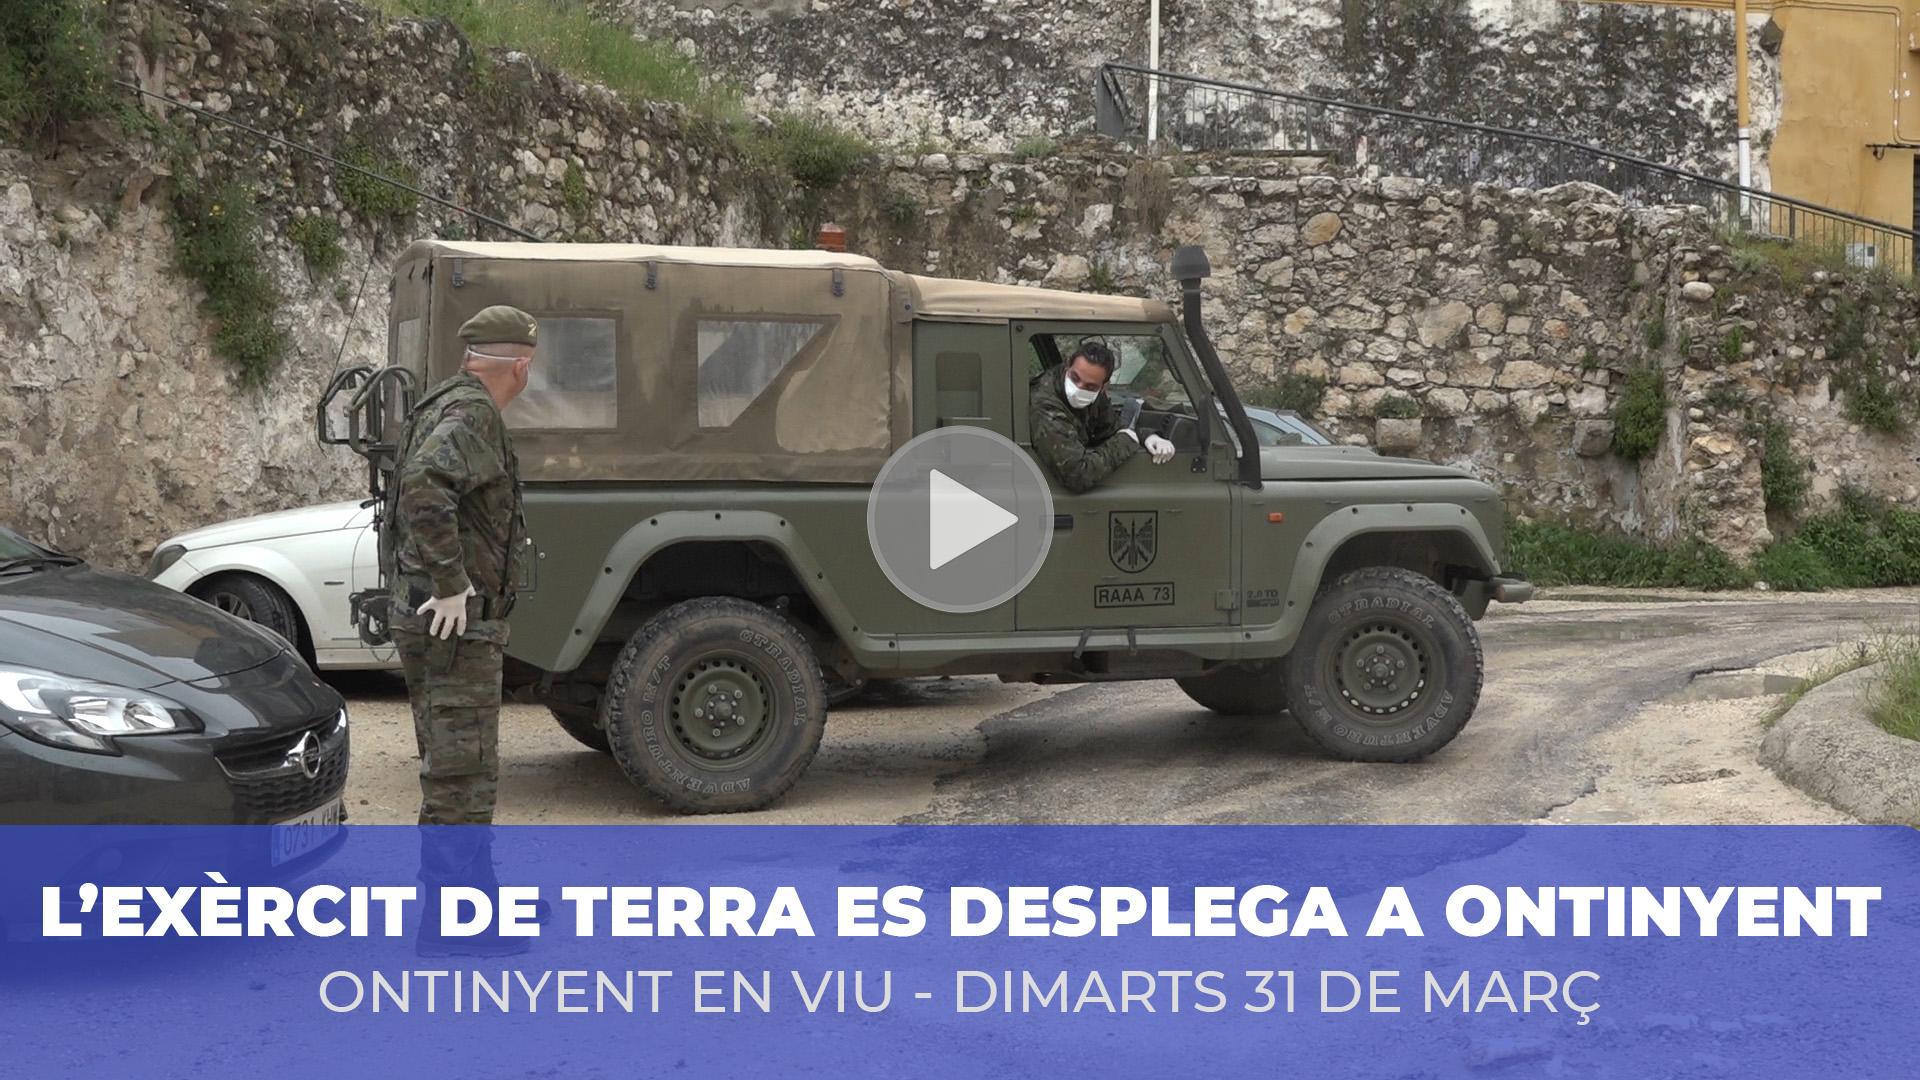 ESPECTACULAR: Periodicontinyent.com arriba a 18.700 visites en un mateix dia El Periòdic d'Ontinyent